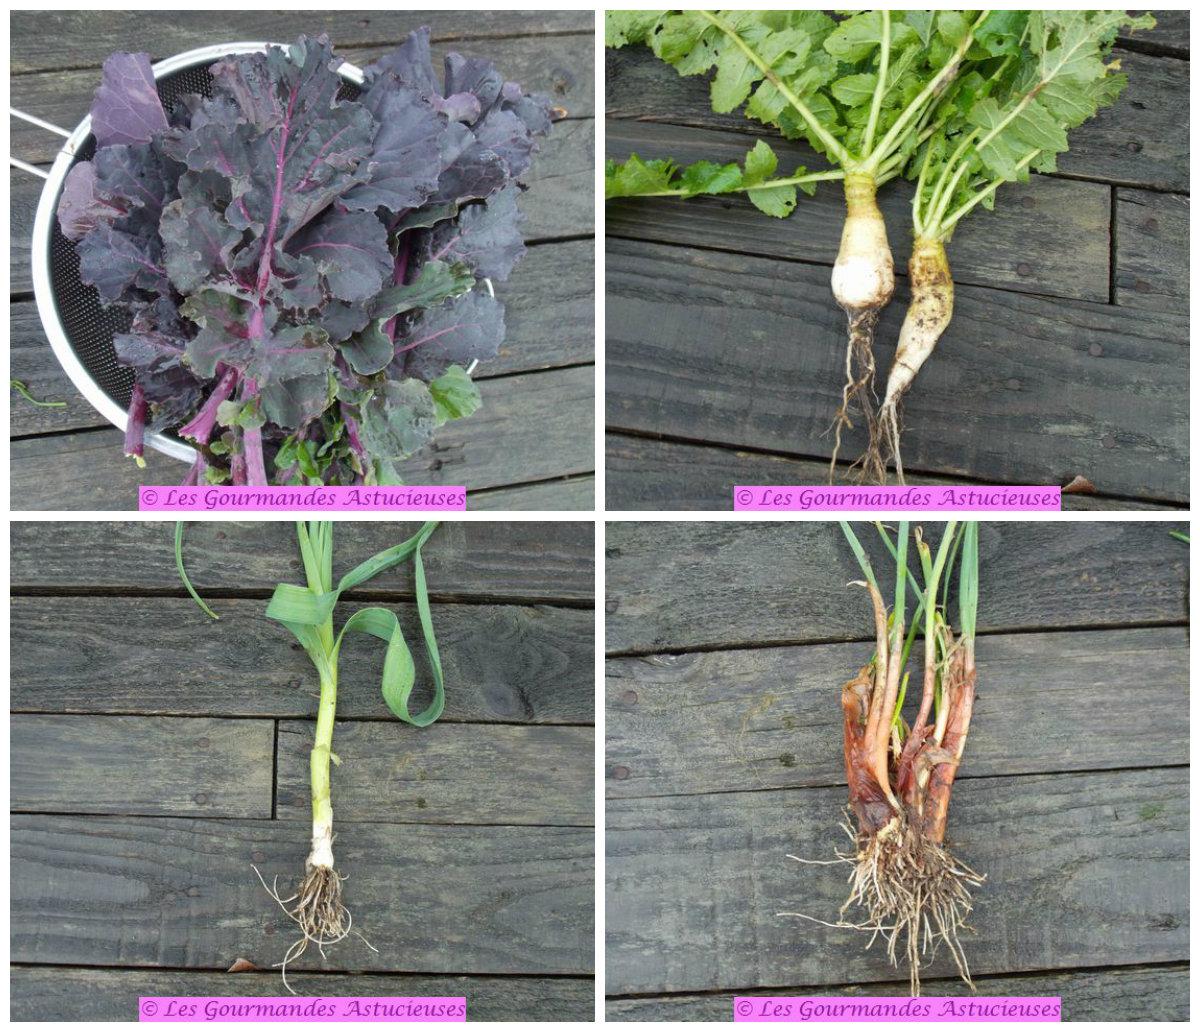 légumes plus près